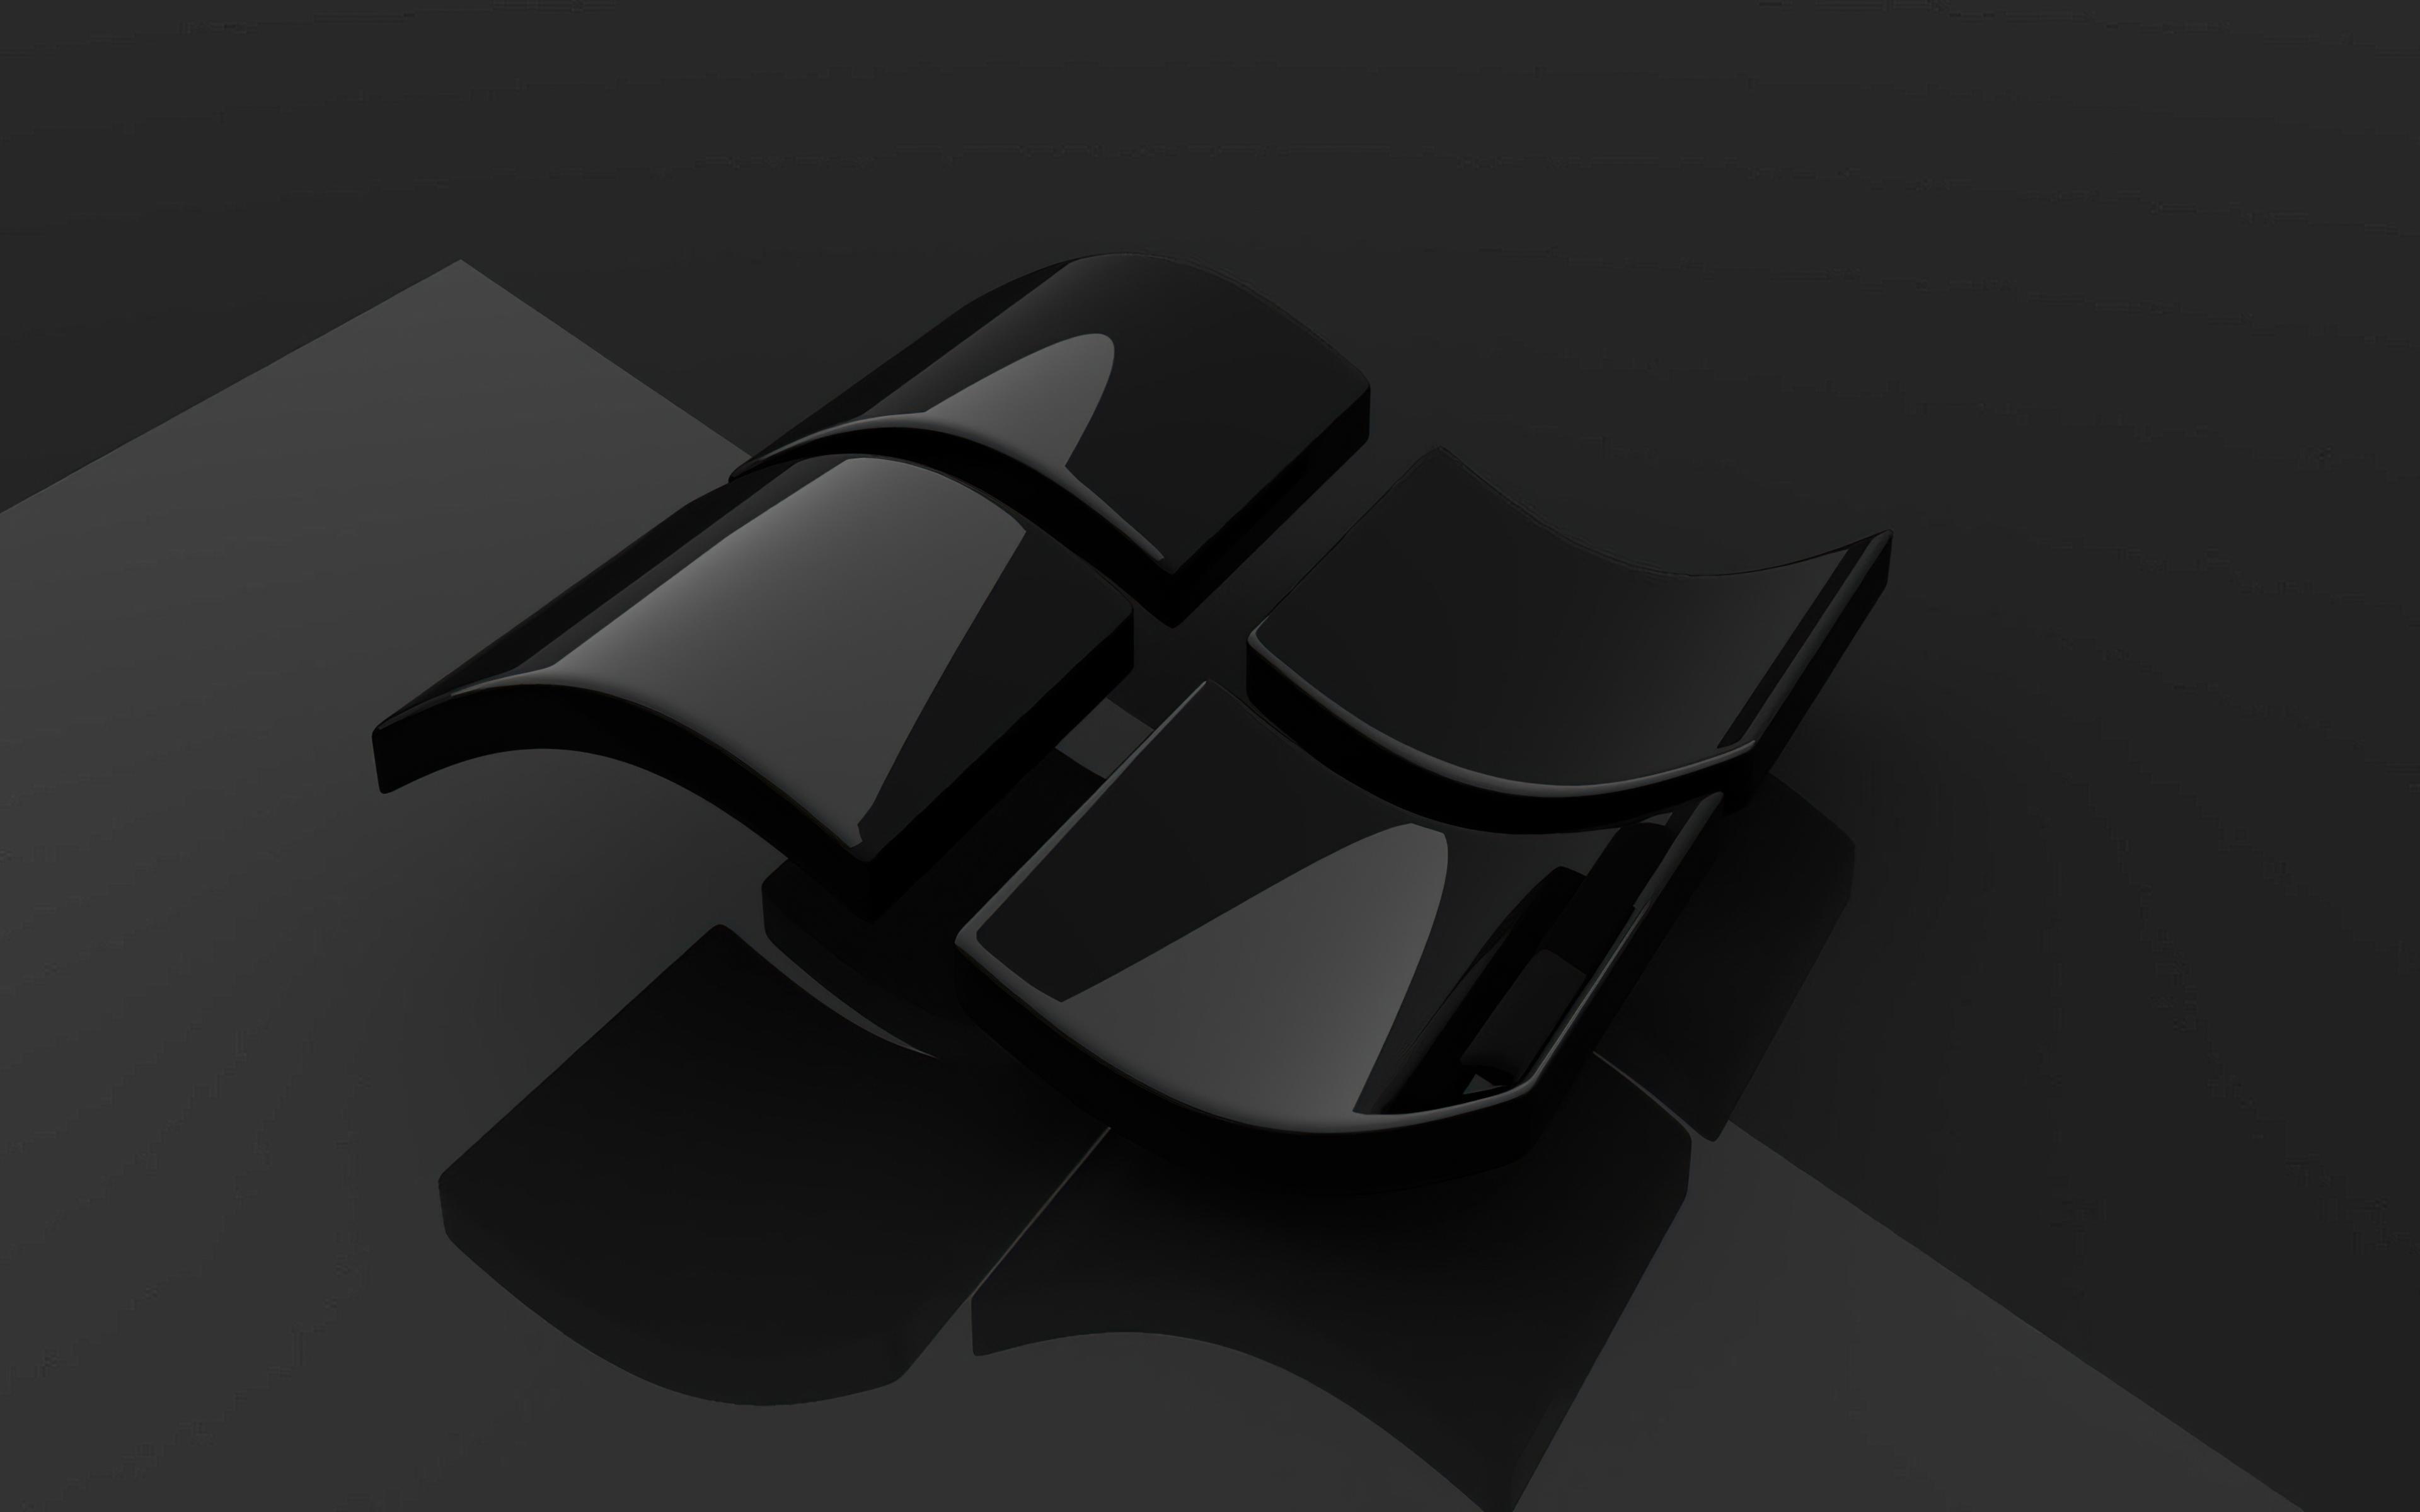 windows-logo-black-minimal-4k-he.jpg